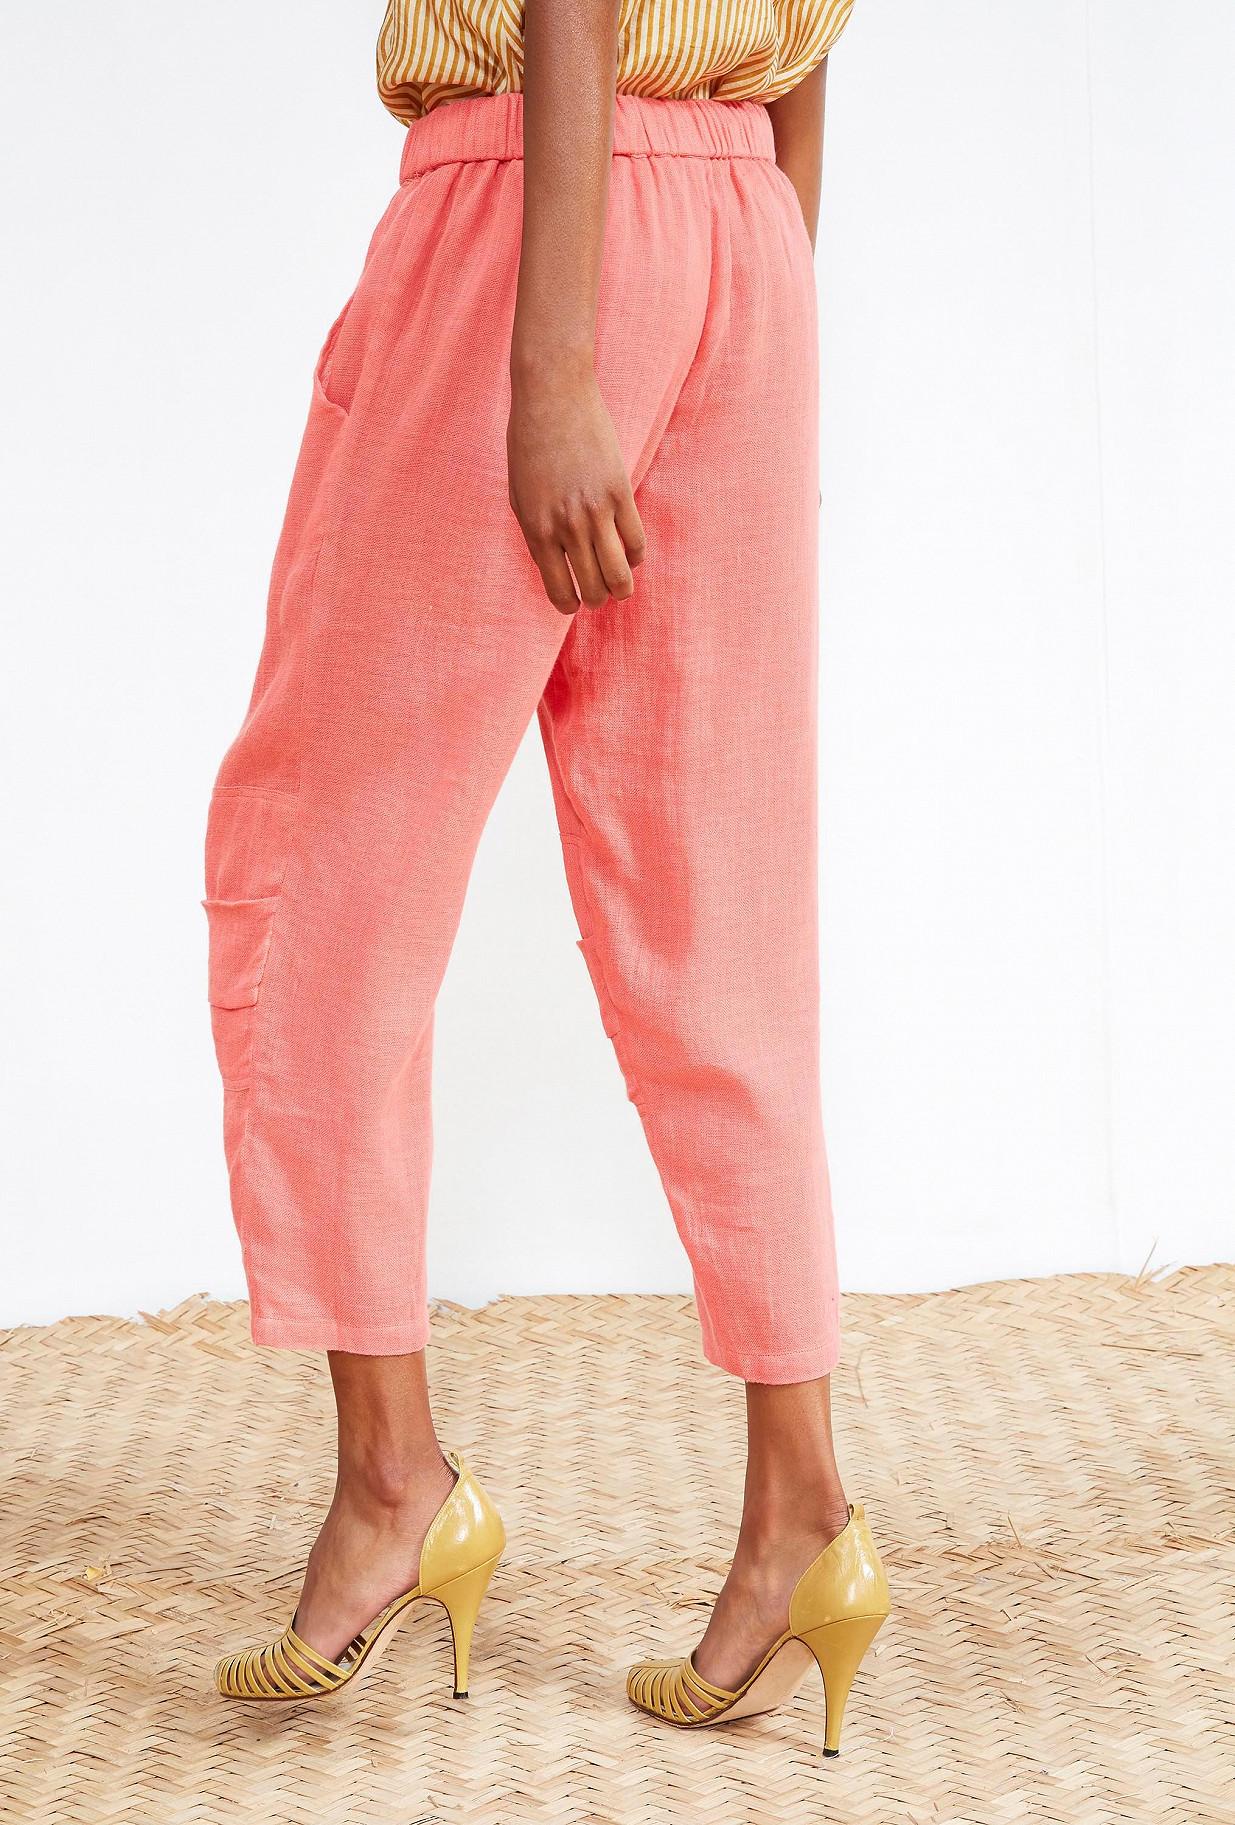 Nude PANTS Rag Mes Demoiselles Paris